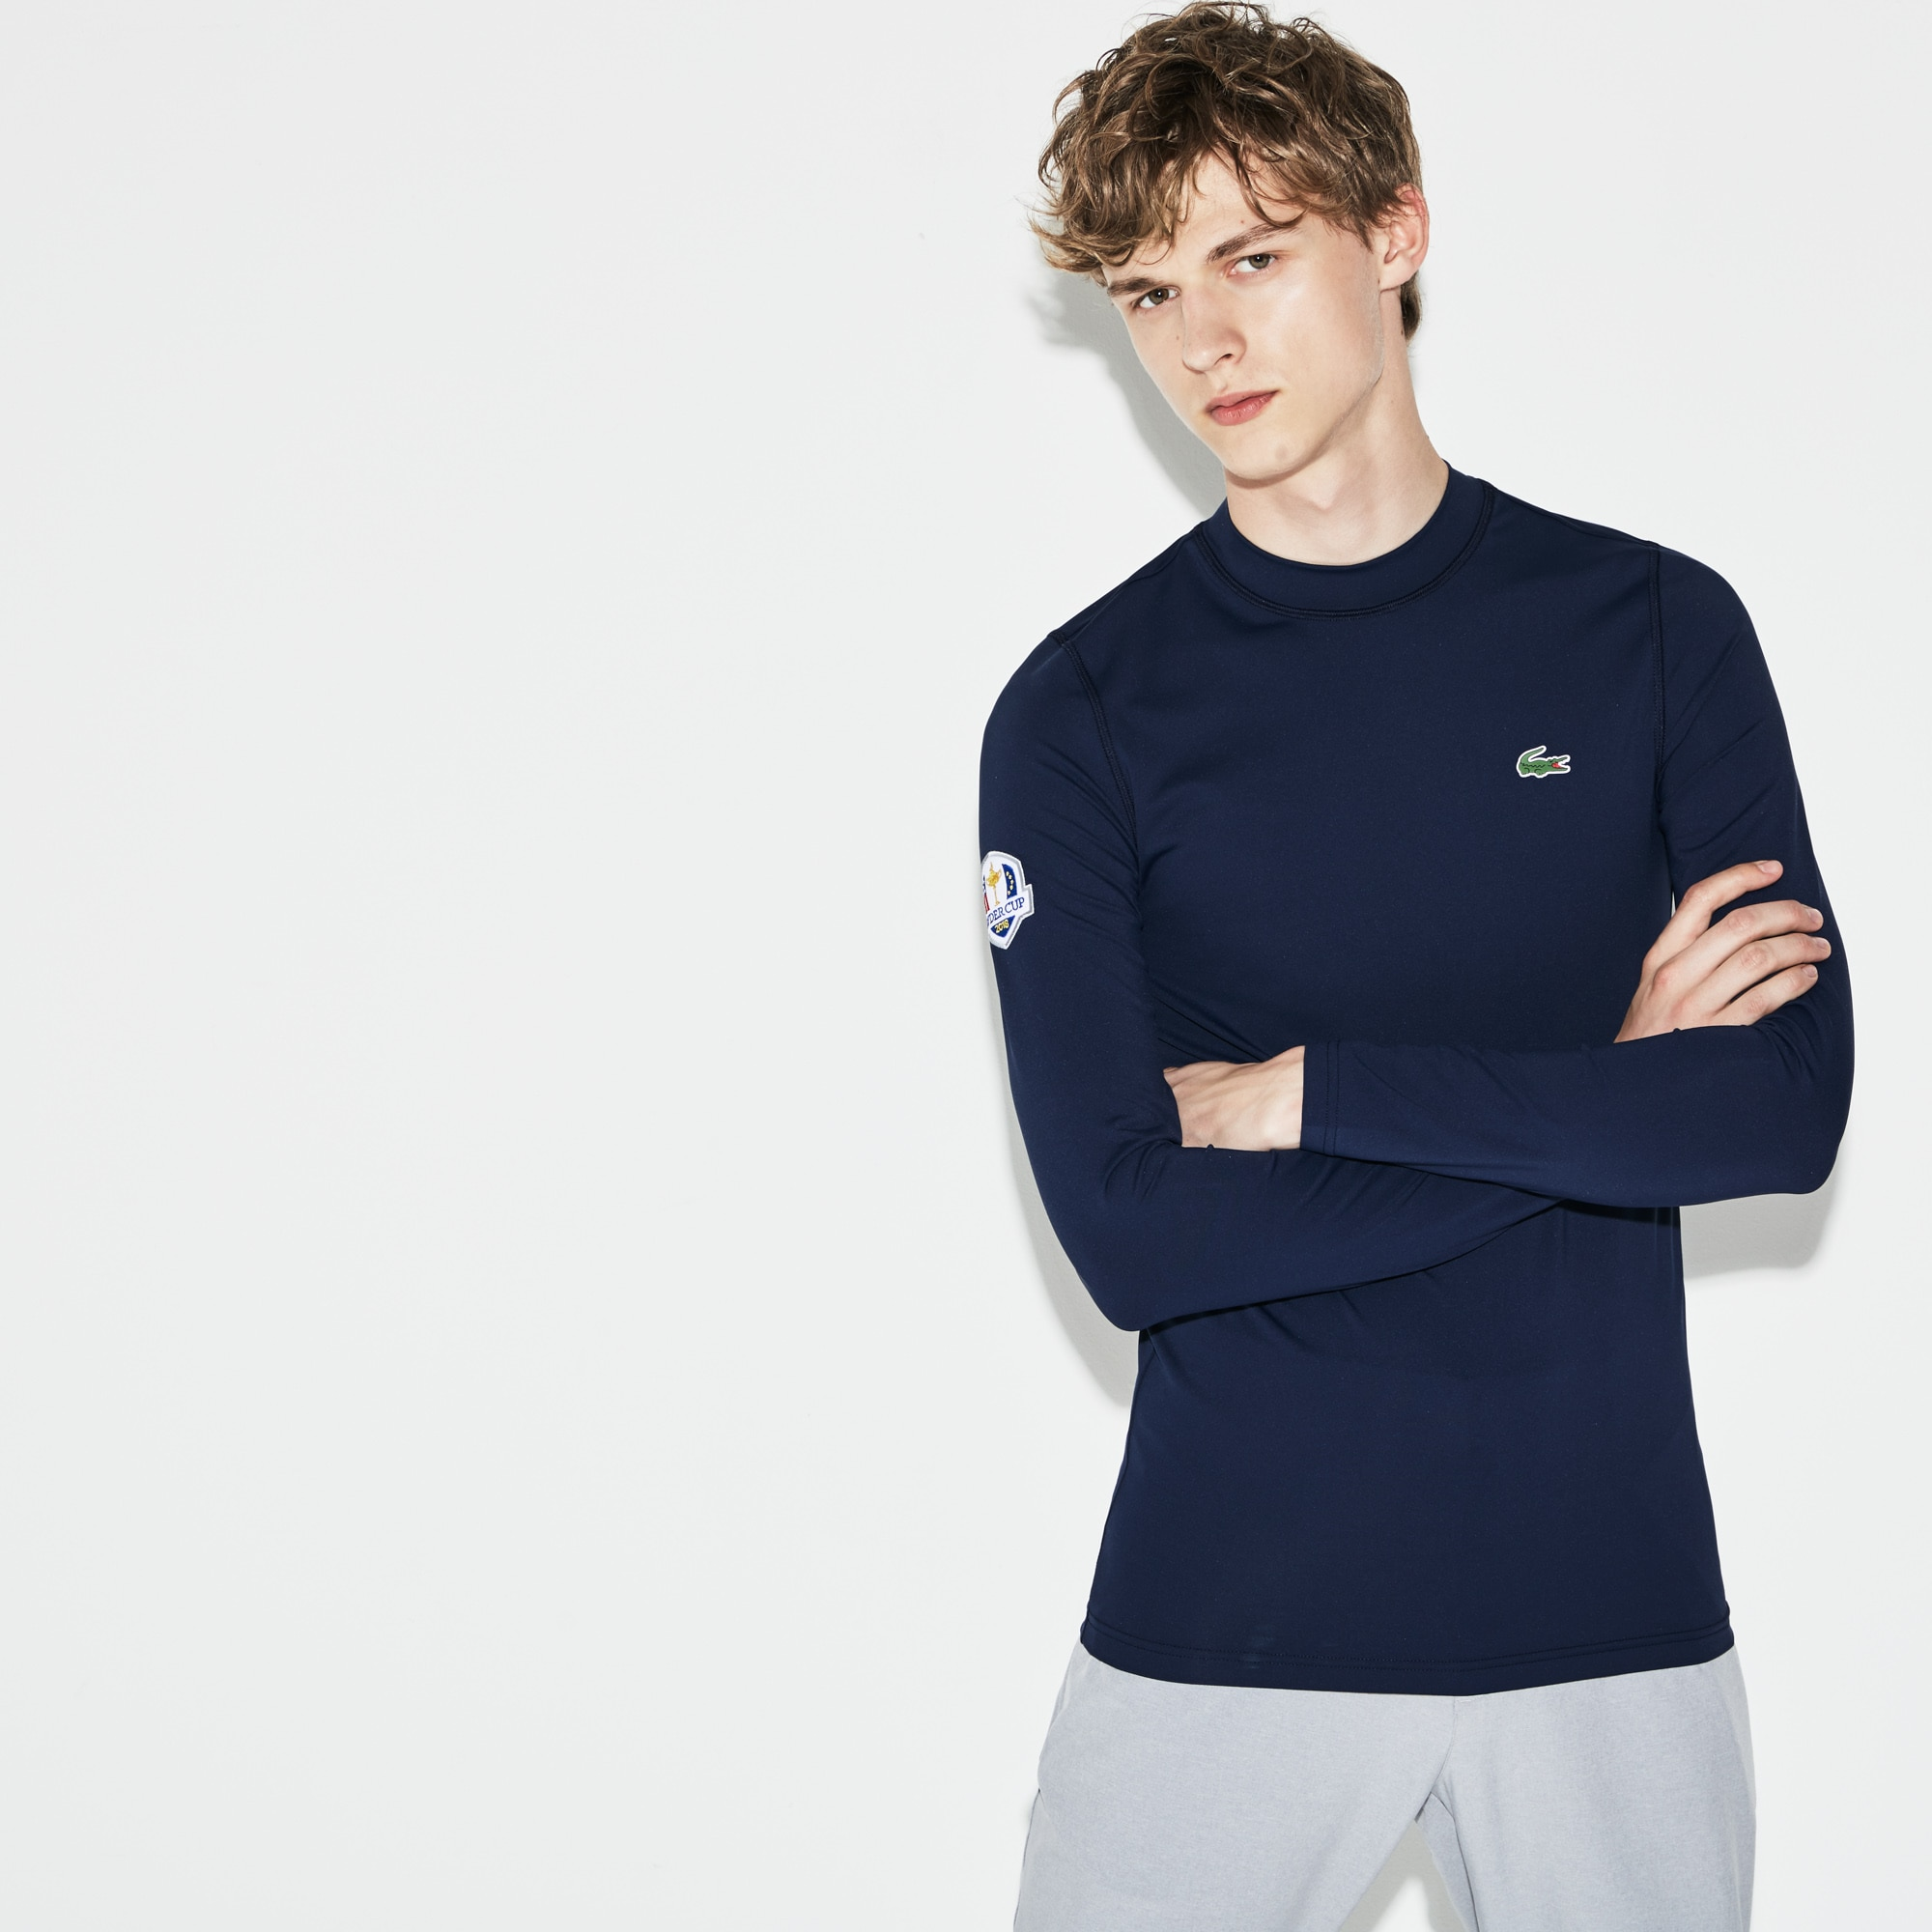 T-shirt Golf Lacoste SPORT a maniche lunghe in jersey Edizione Ryder Cup